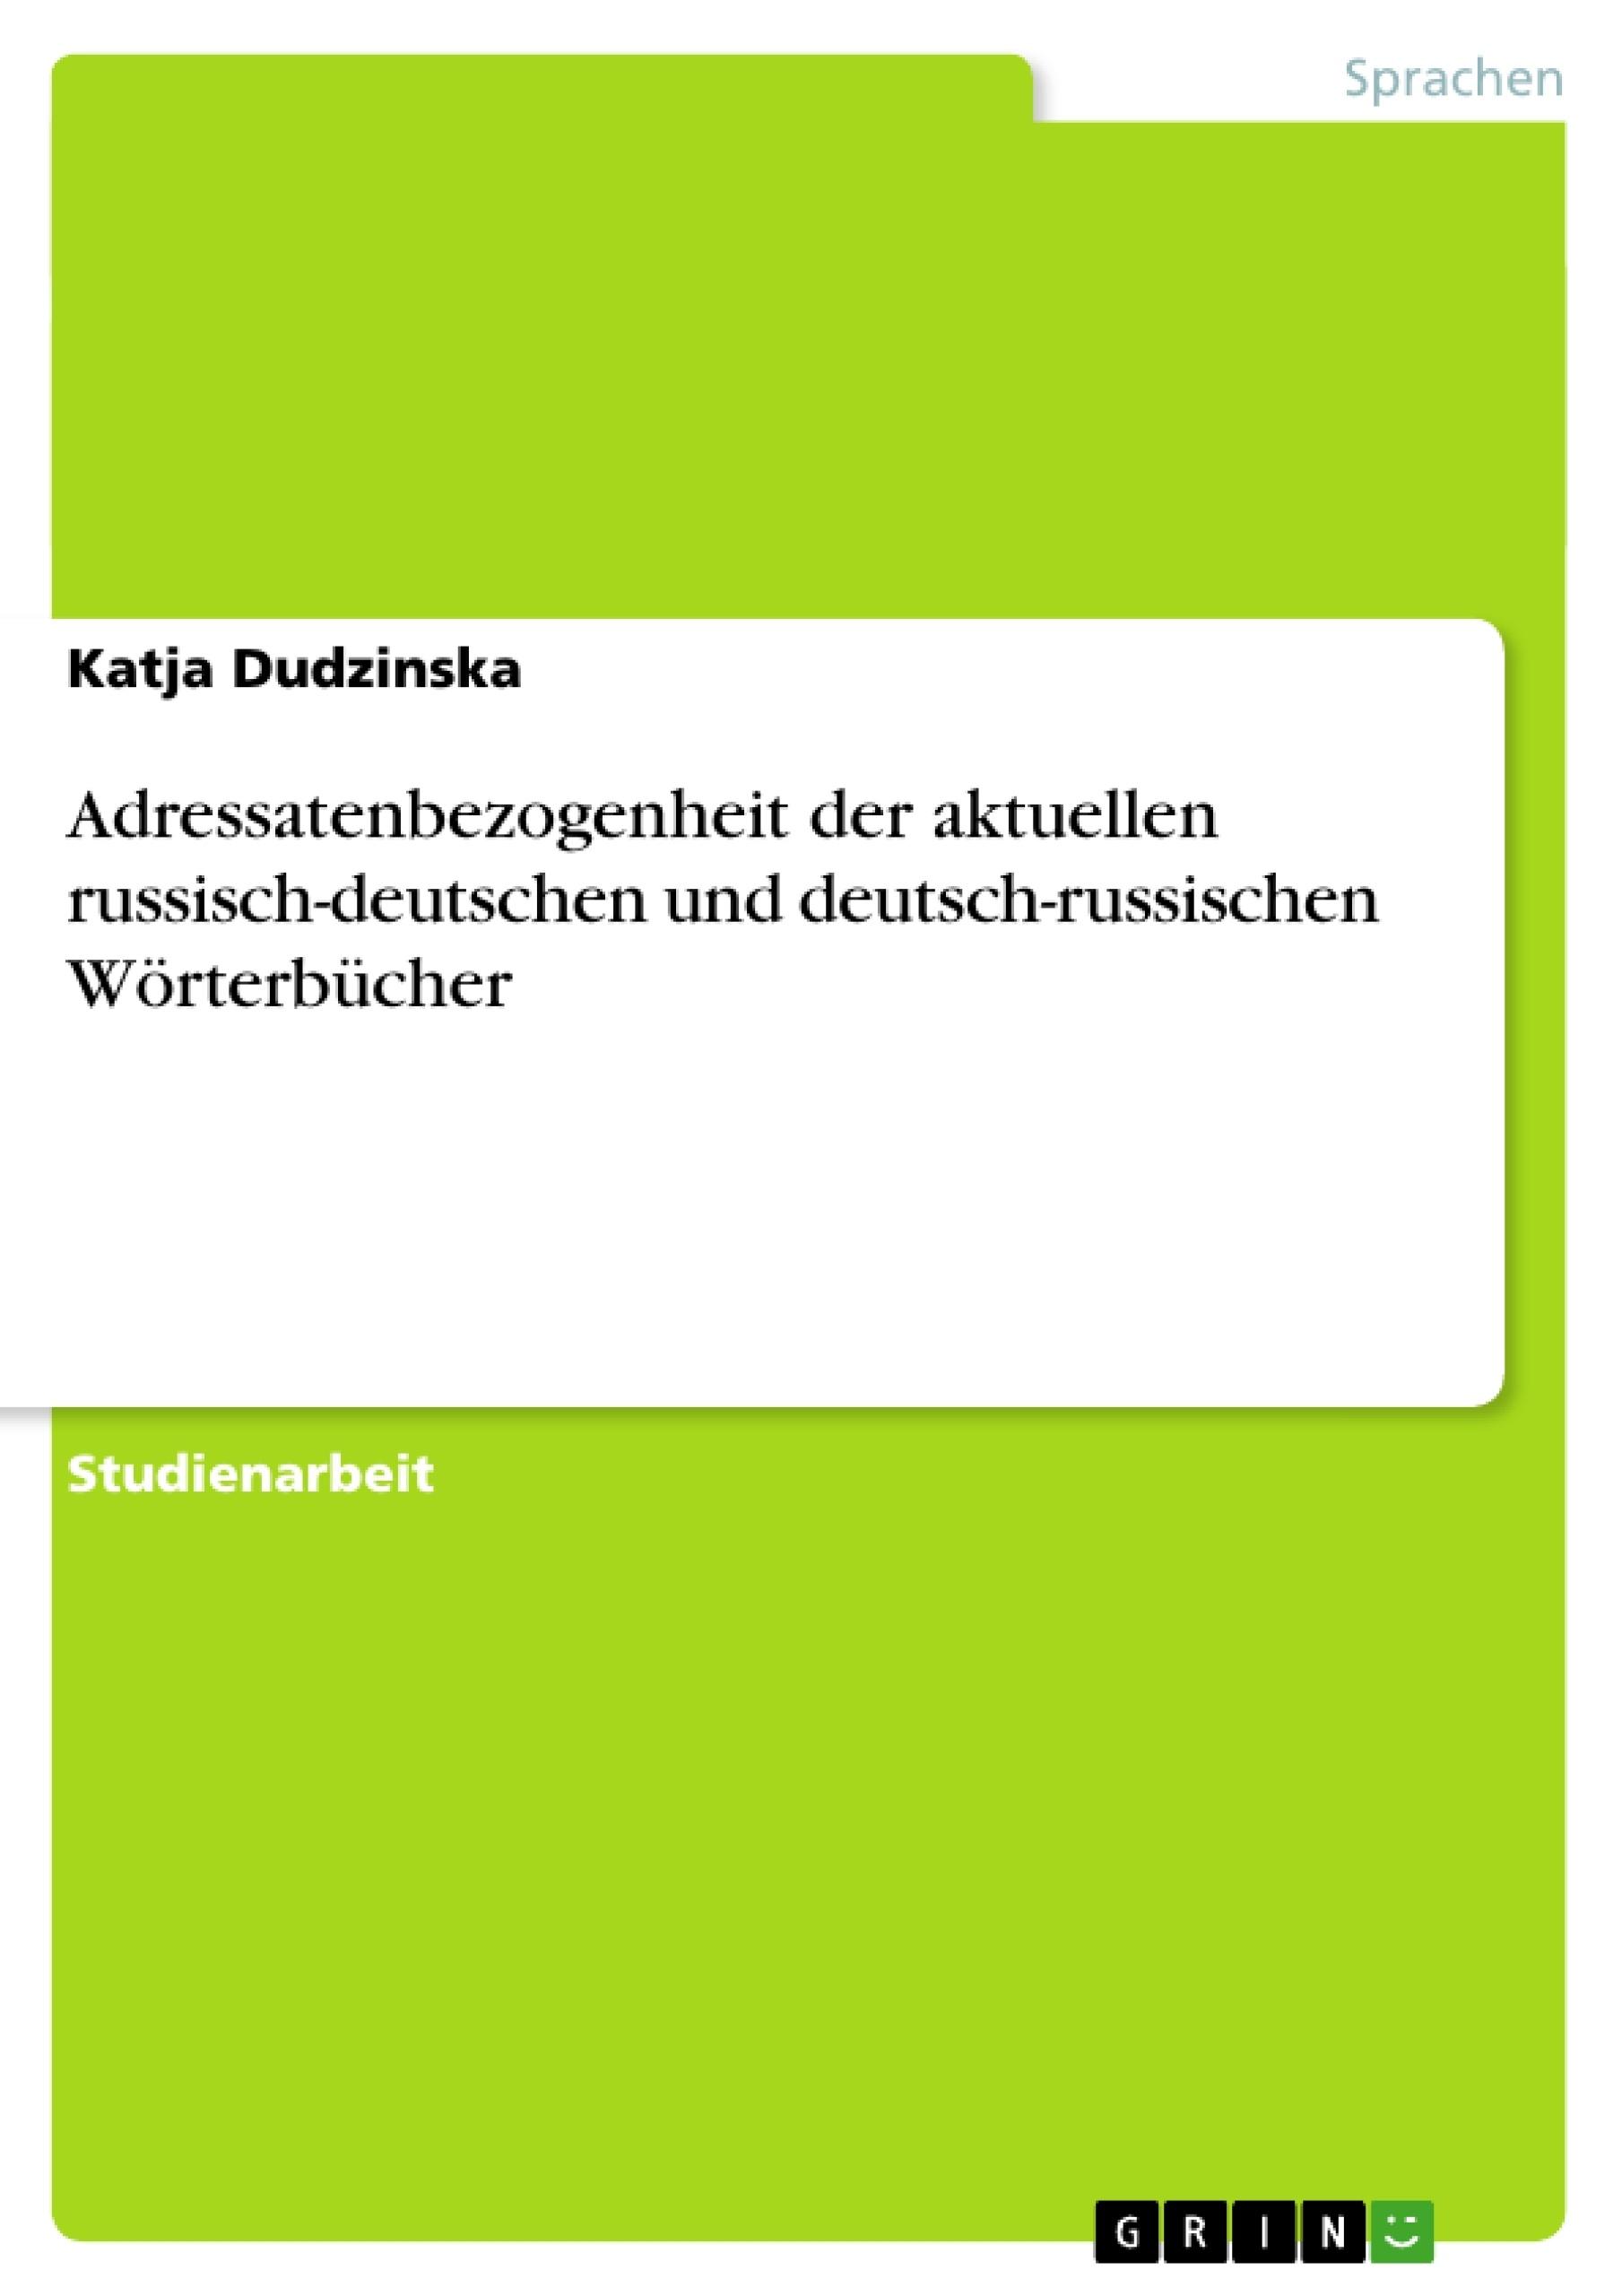 Titel: Adressatenbezogenheit der aktuellen russisch-deutschen und deutsch-russischen Wörterbücher